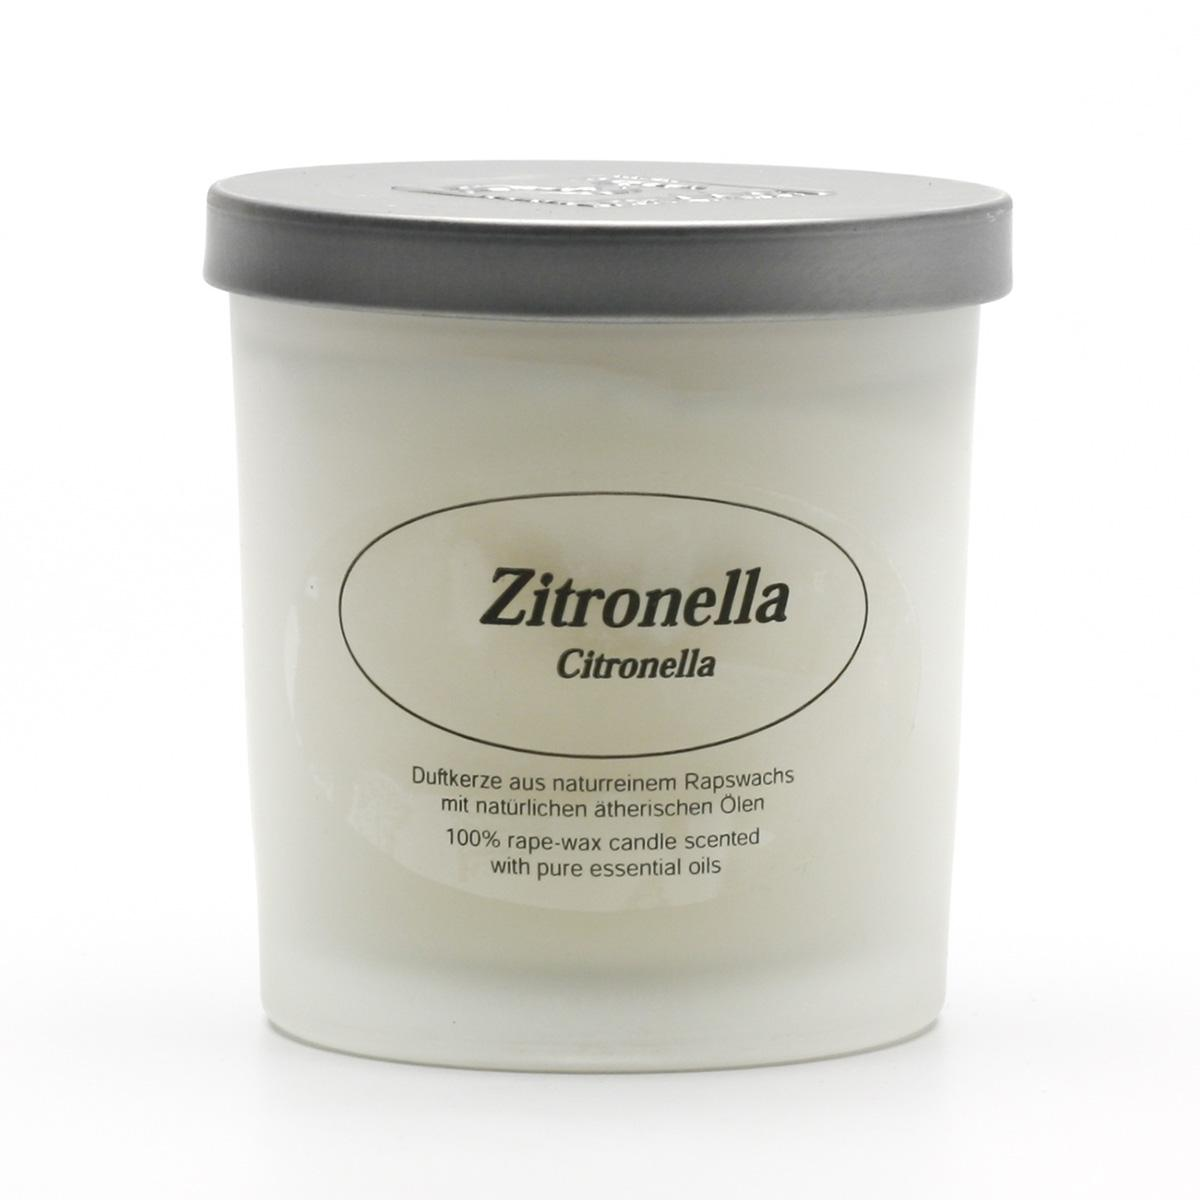 Kerzenfarm Přírodní svíčka Citronella, mléčné sklo 8 cm